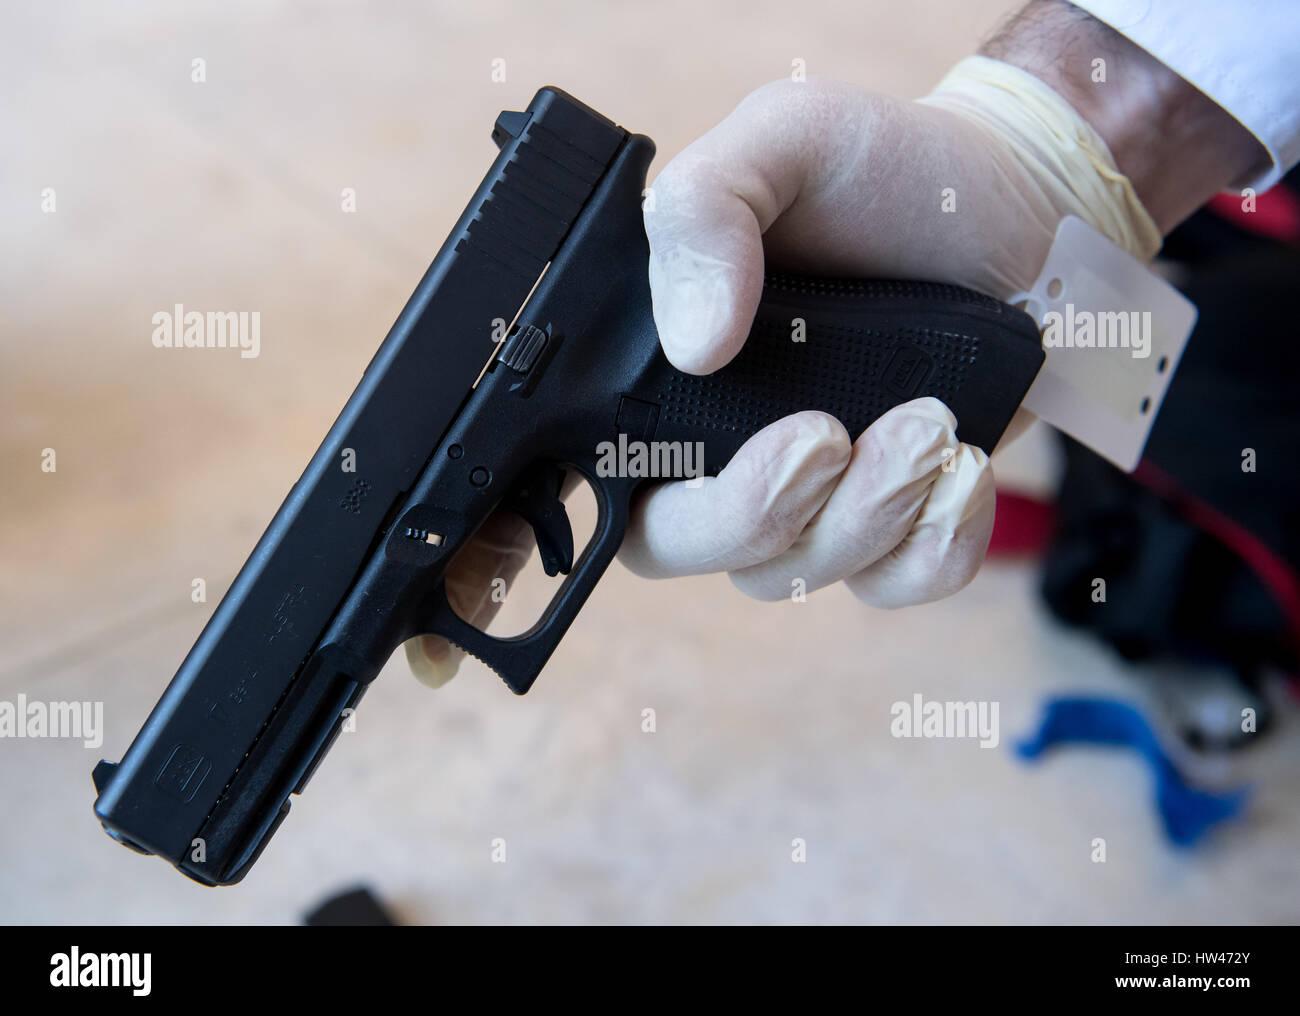 Único Glock 17 Marco Ideas - Ideas Personalizadas de Marco de Imagen ...